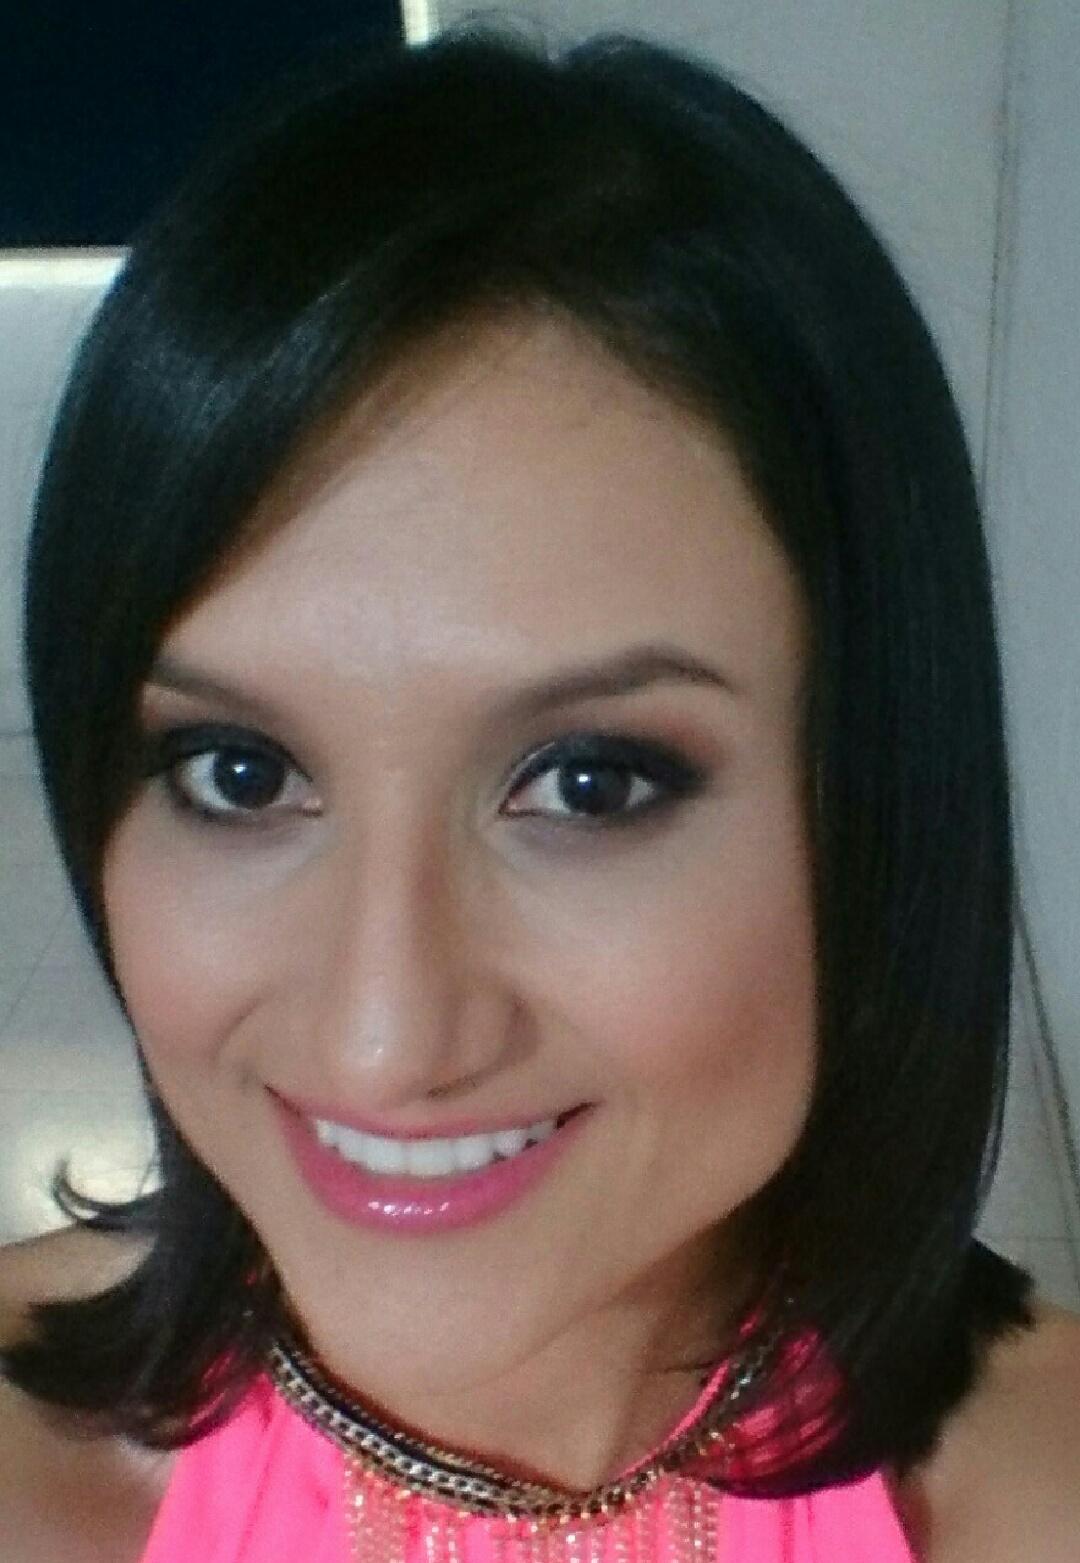 Carolina Pedreros